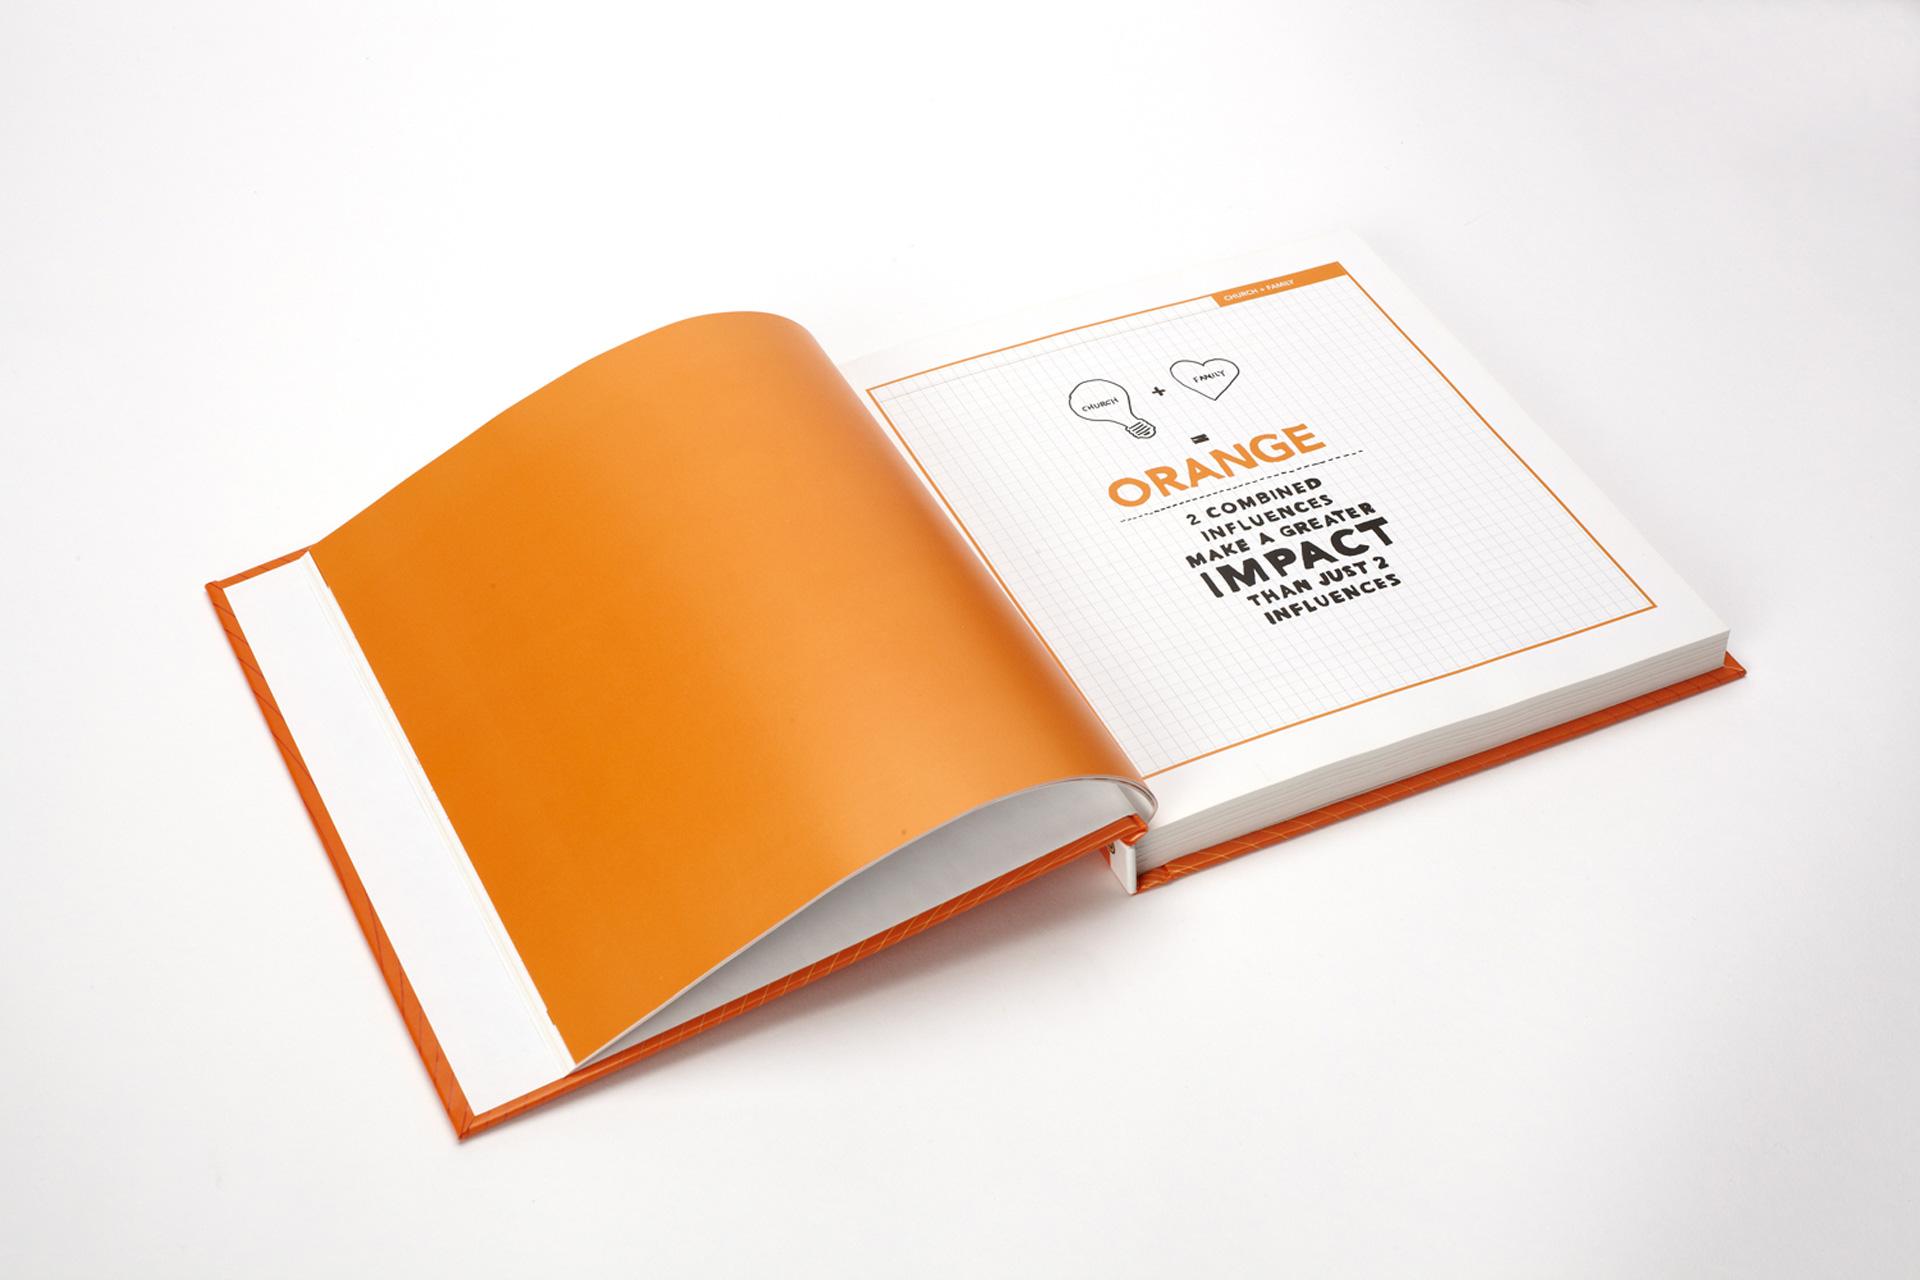 orangeproduct-thinkorange-01.jpg